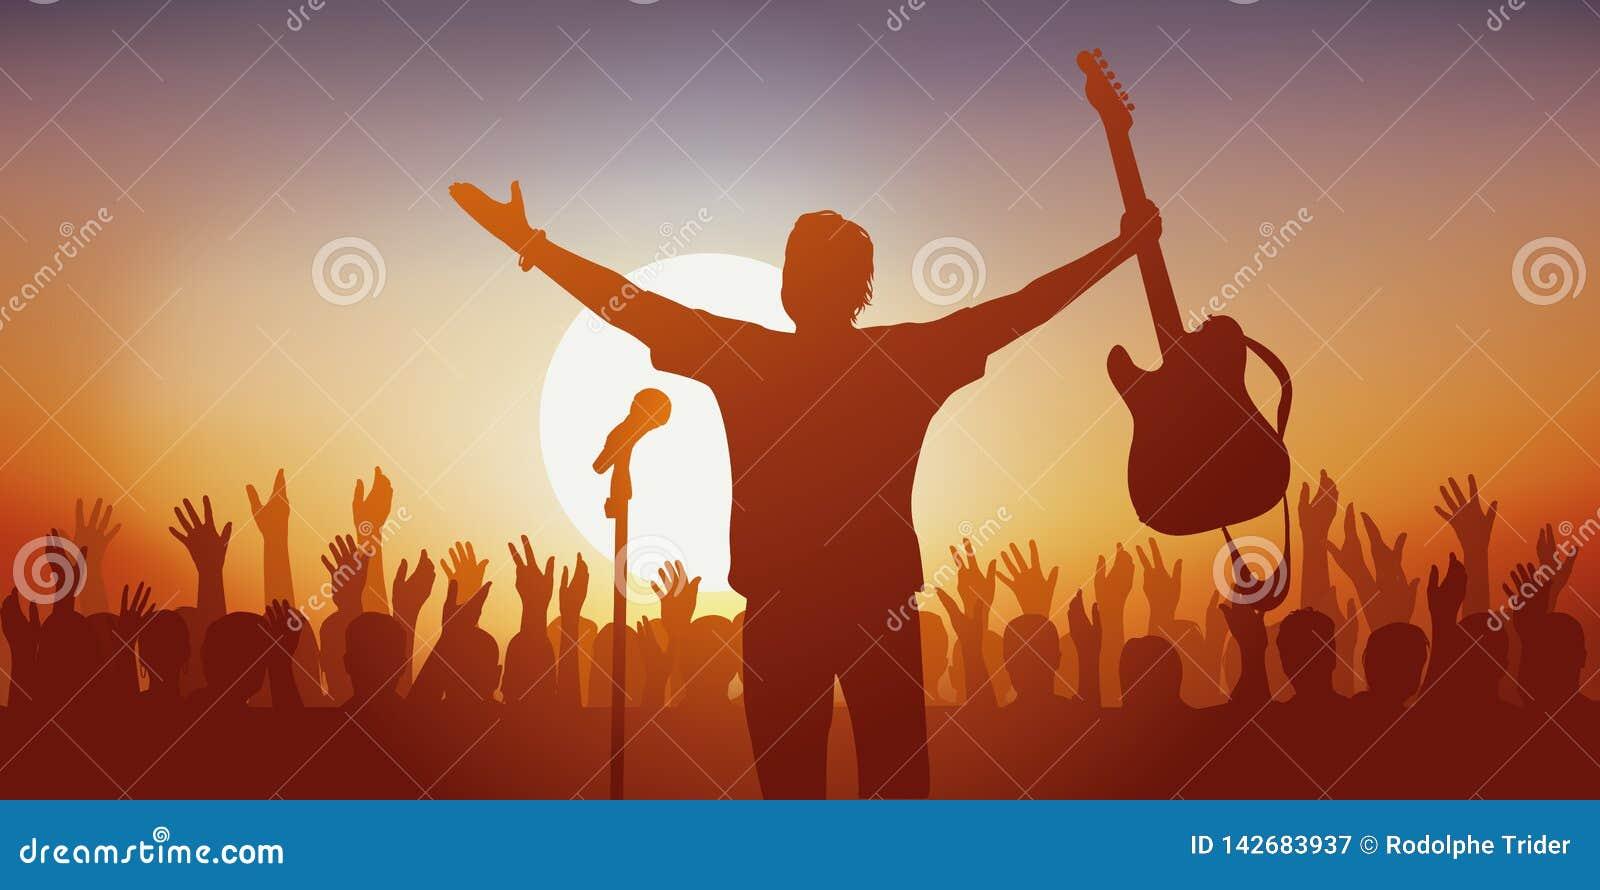 Símbolo do ídolo, com um cantor de rocha que cumprimenta seus fãs